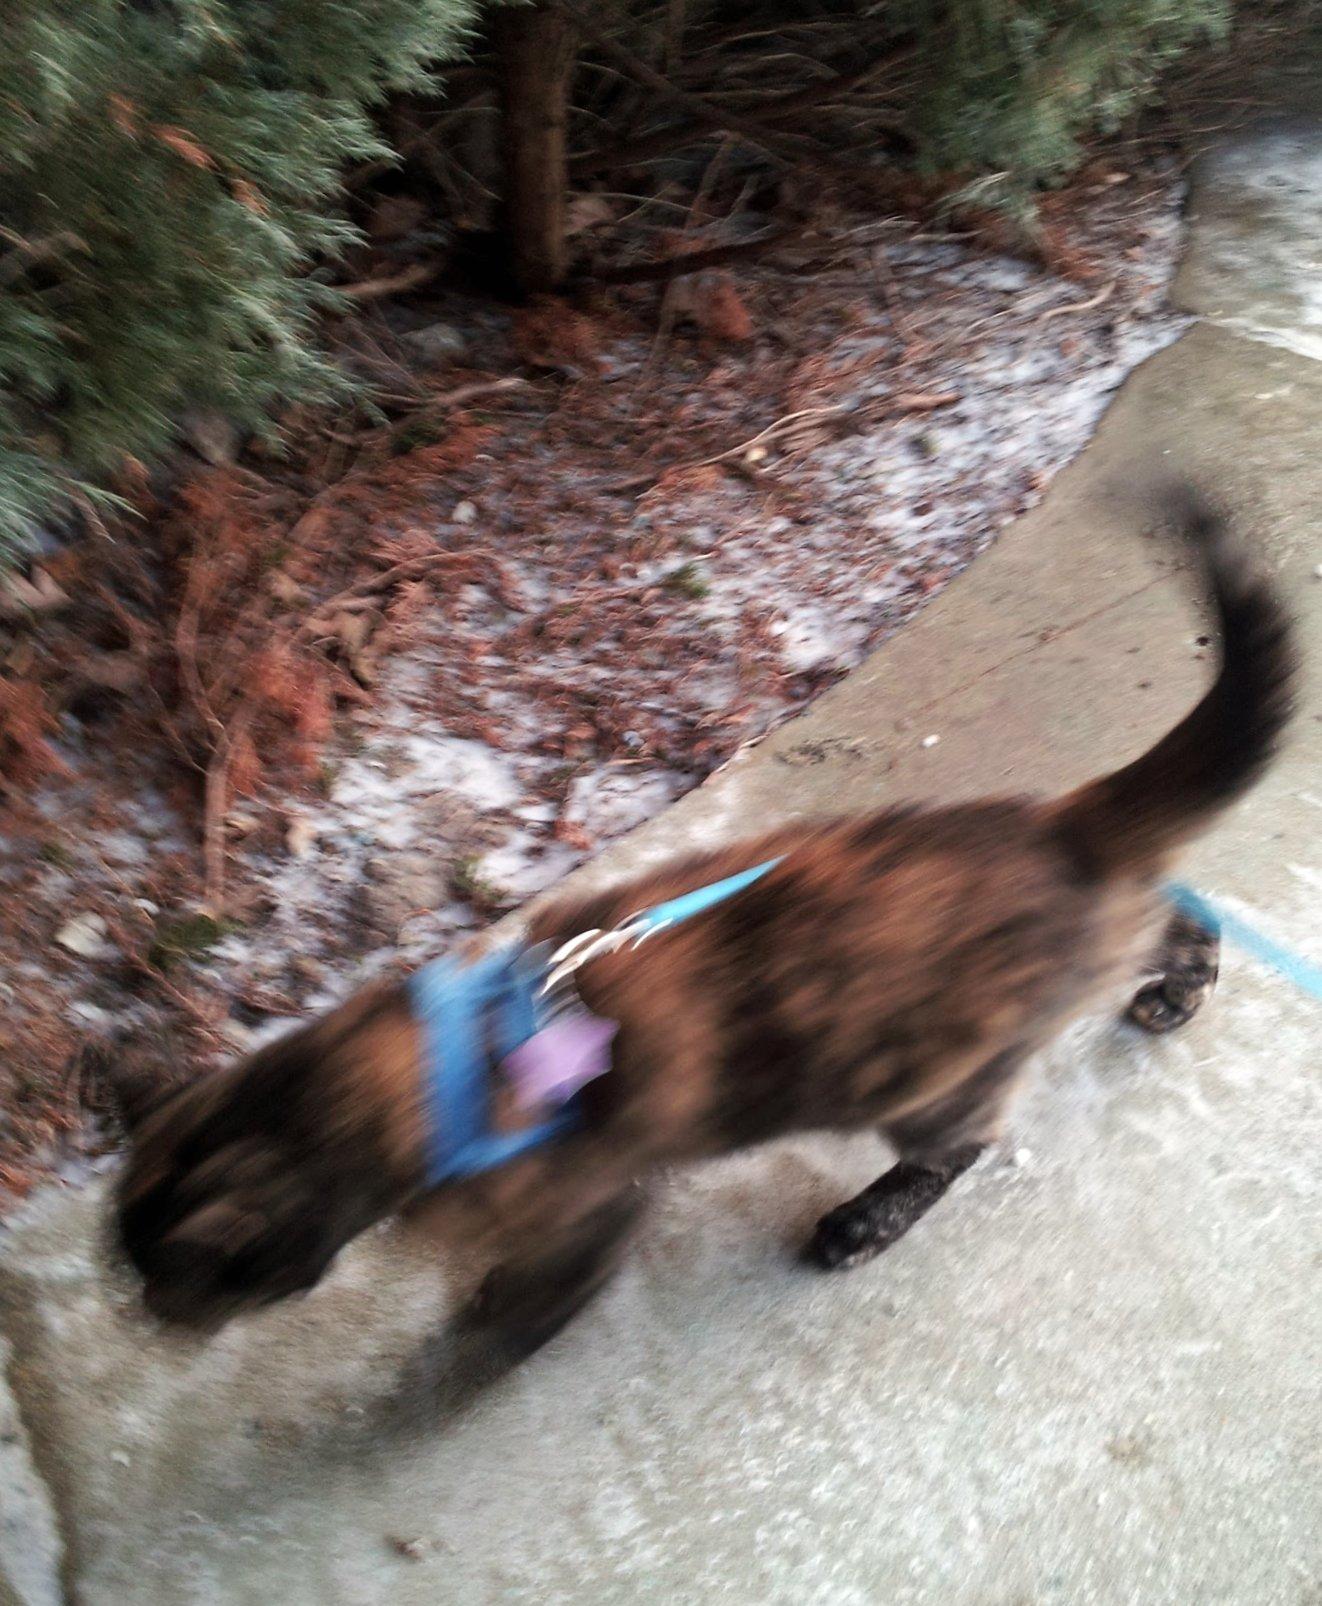 Tortoise Cat Homeward Boung in Snowy Oak-Creek on January 14, 2013